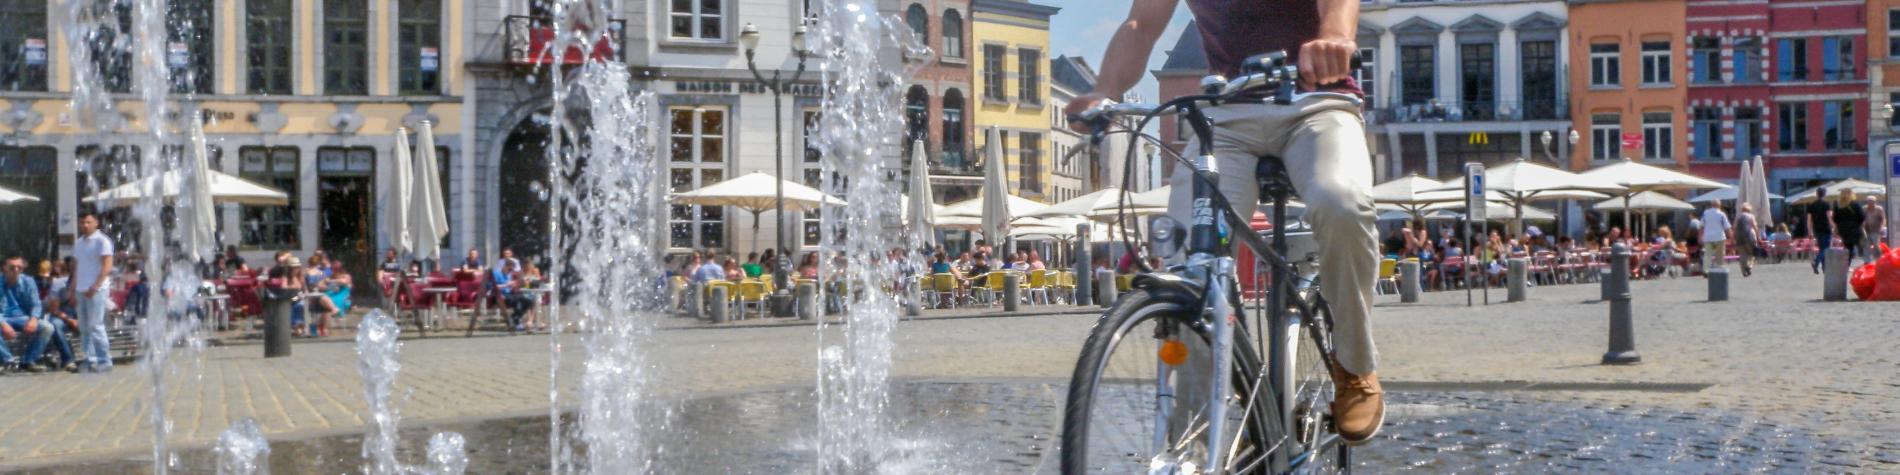 Fontaine - Ville - Activités - sport et détente - Vélo - VTT - Randonnée cycliste - Place